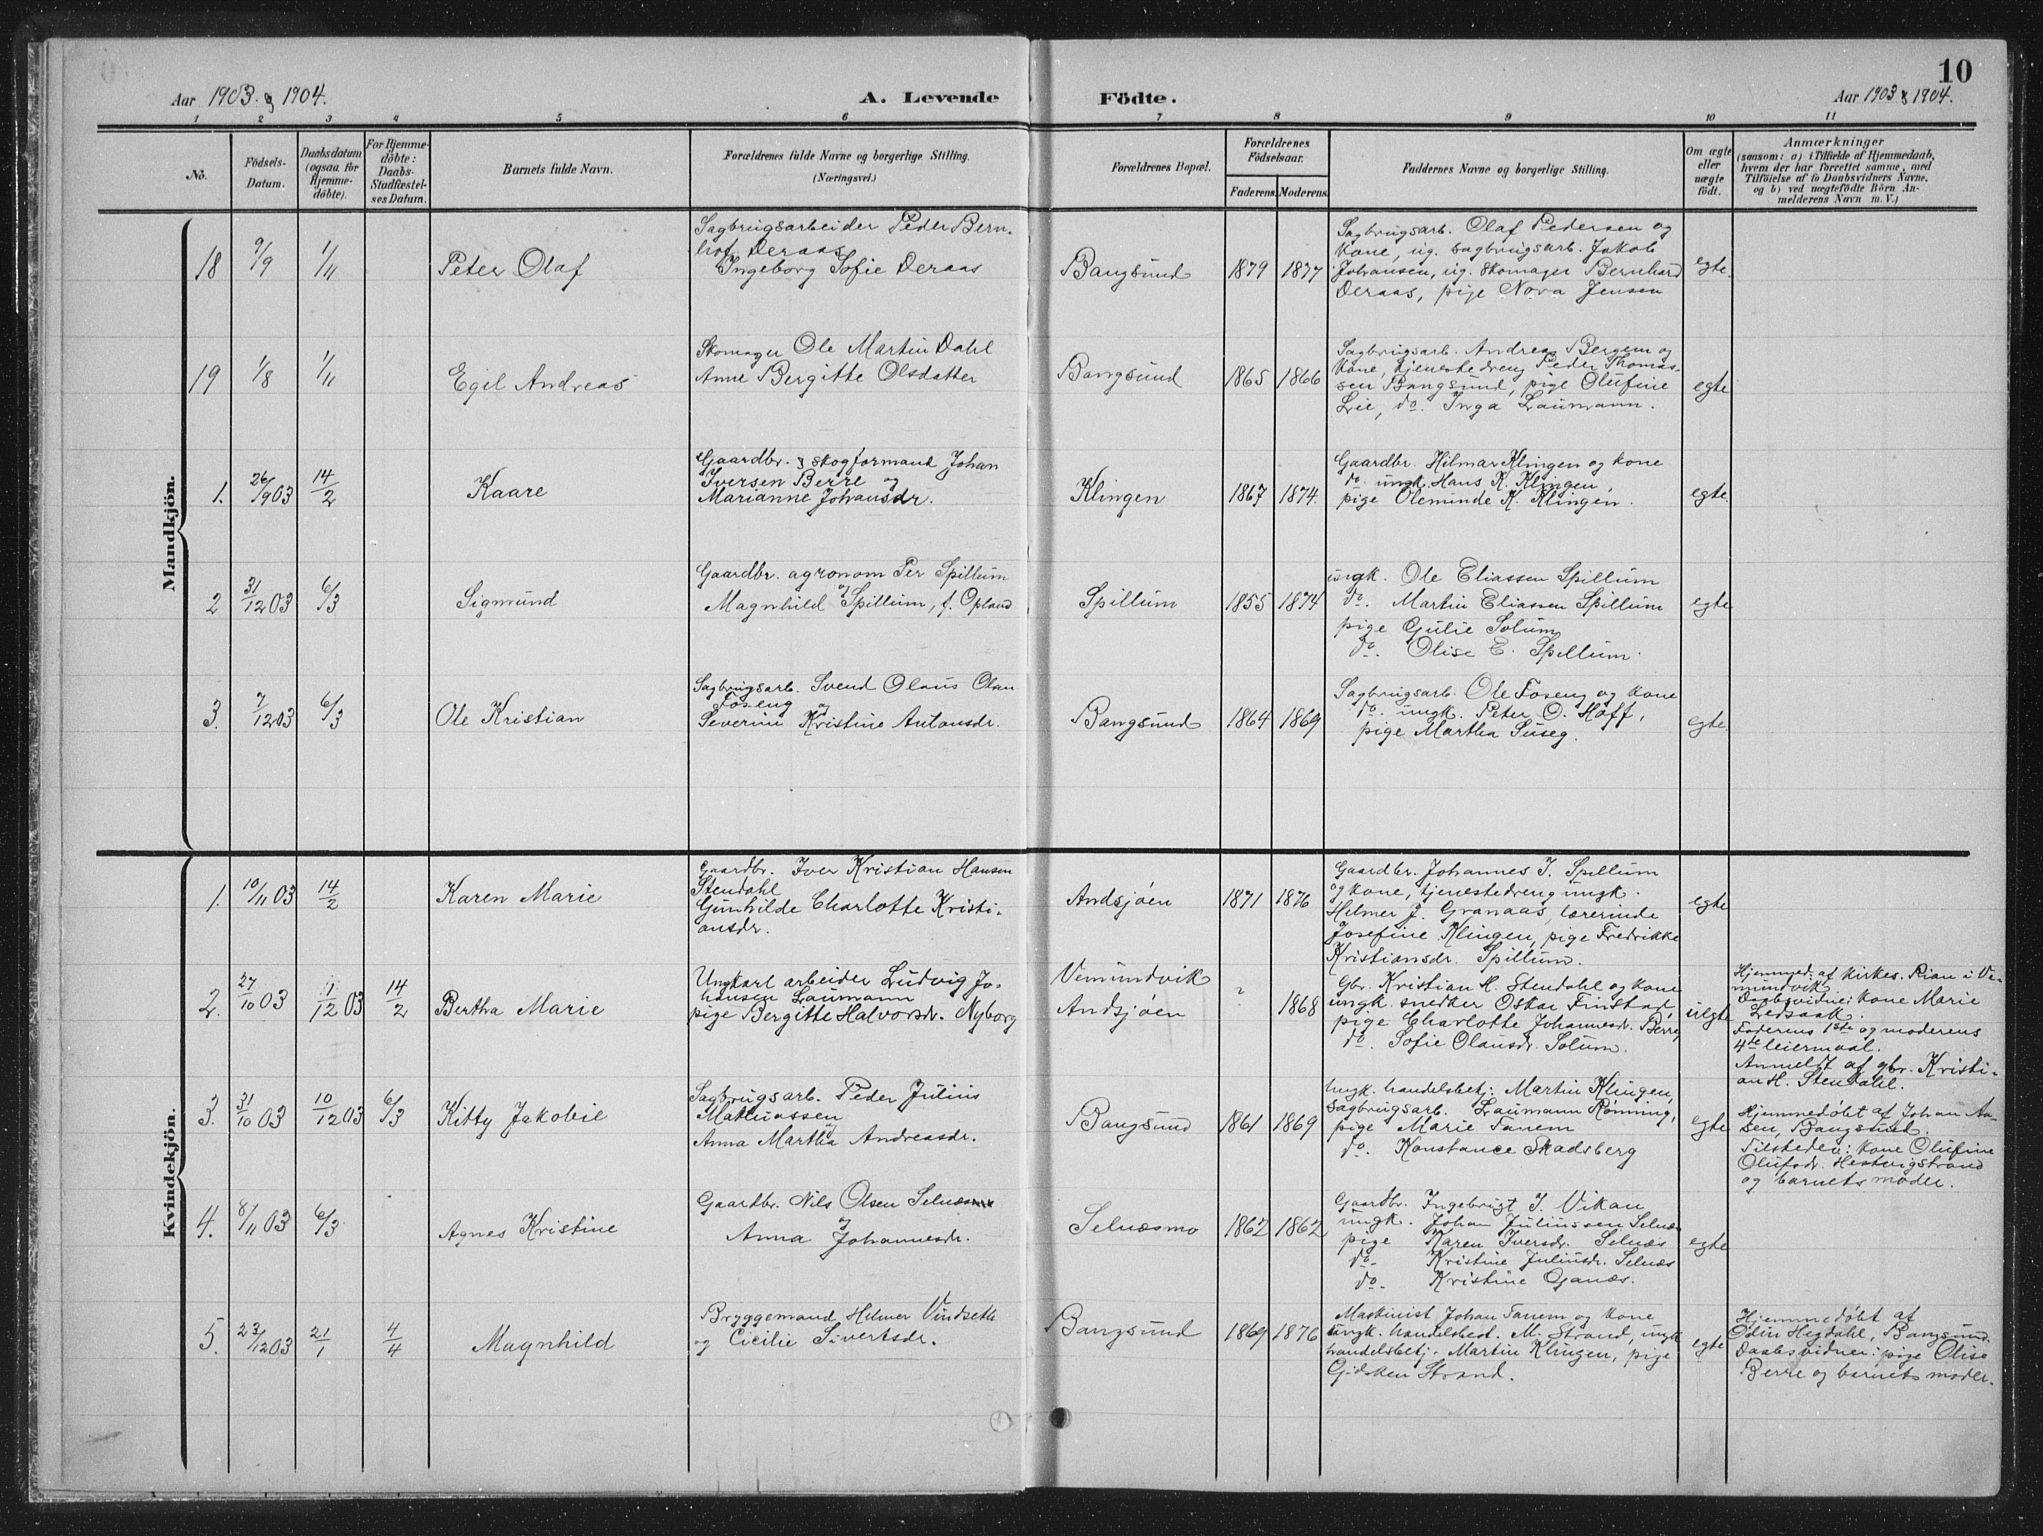 SAT, Ministerialprotokoller, klokkerbøker og fødselsregistre - Nord-Trøndelag, 770/L0591: Klokkerbok nr. 770C02, 1902-1940, s. 10